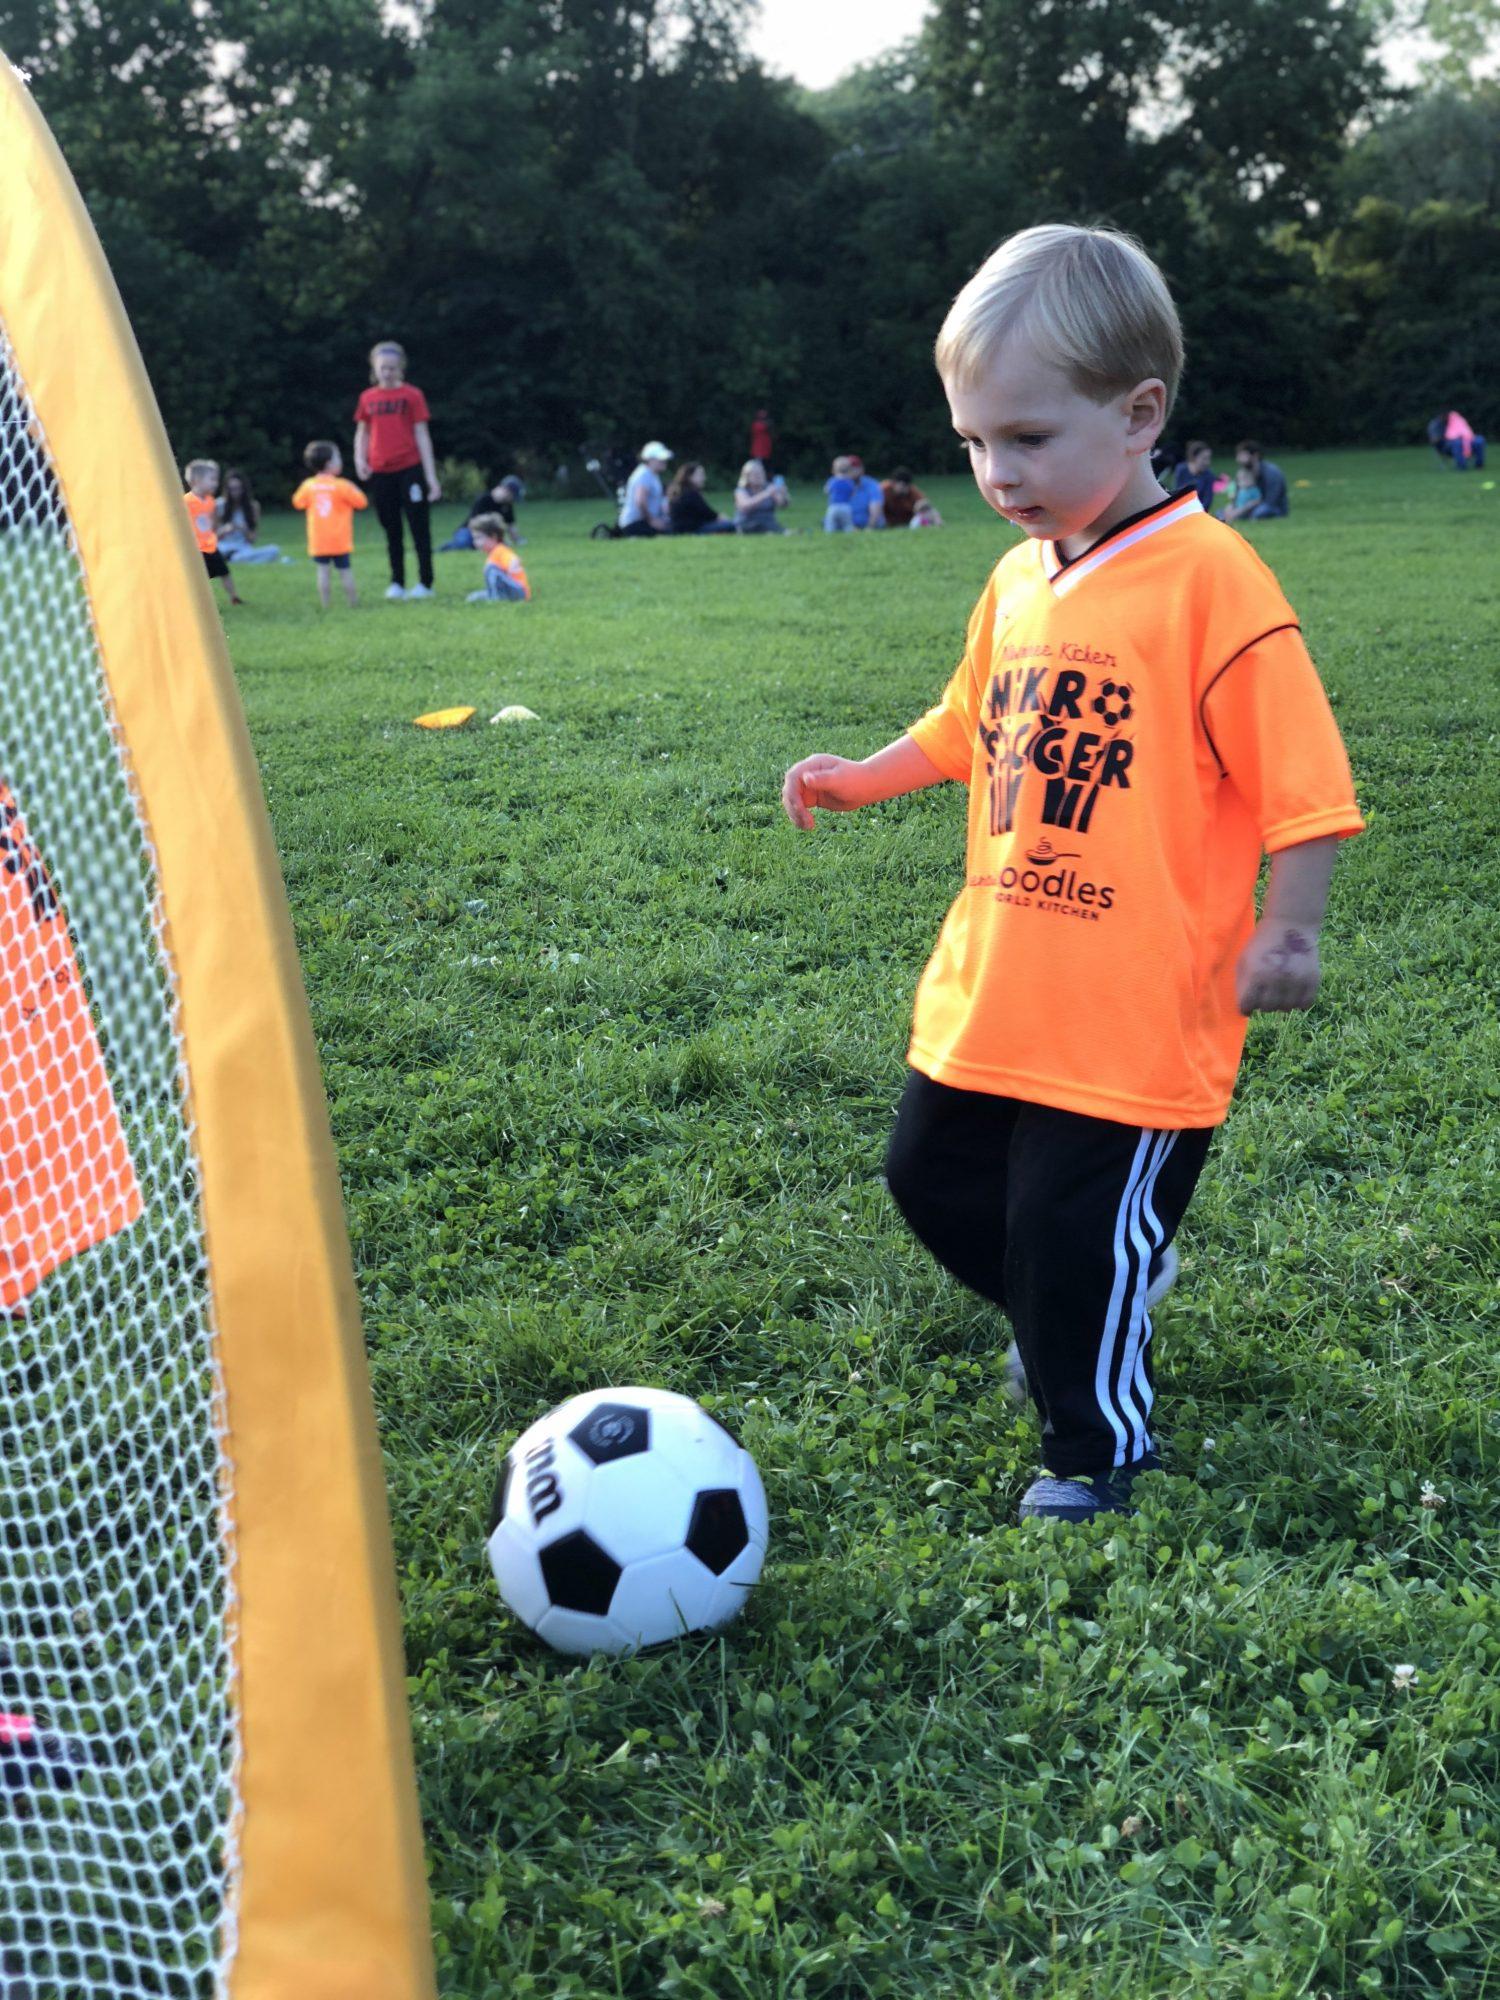 Mikro Soccer